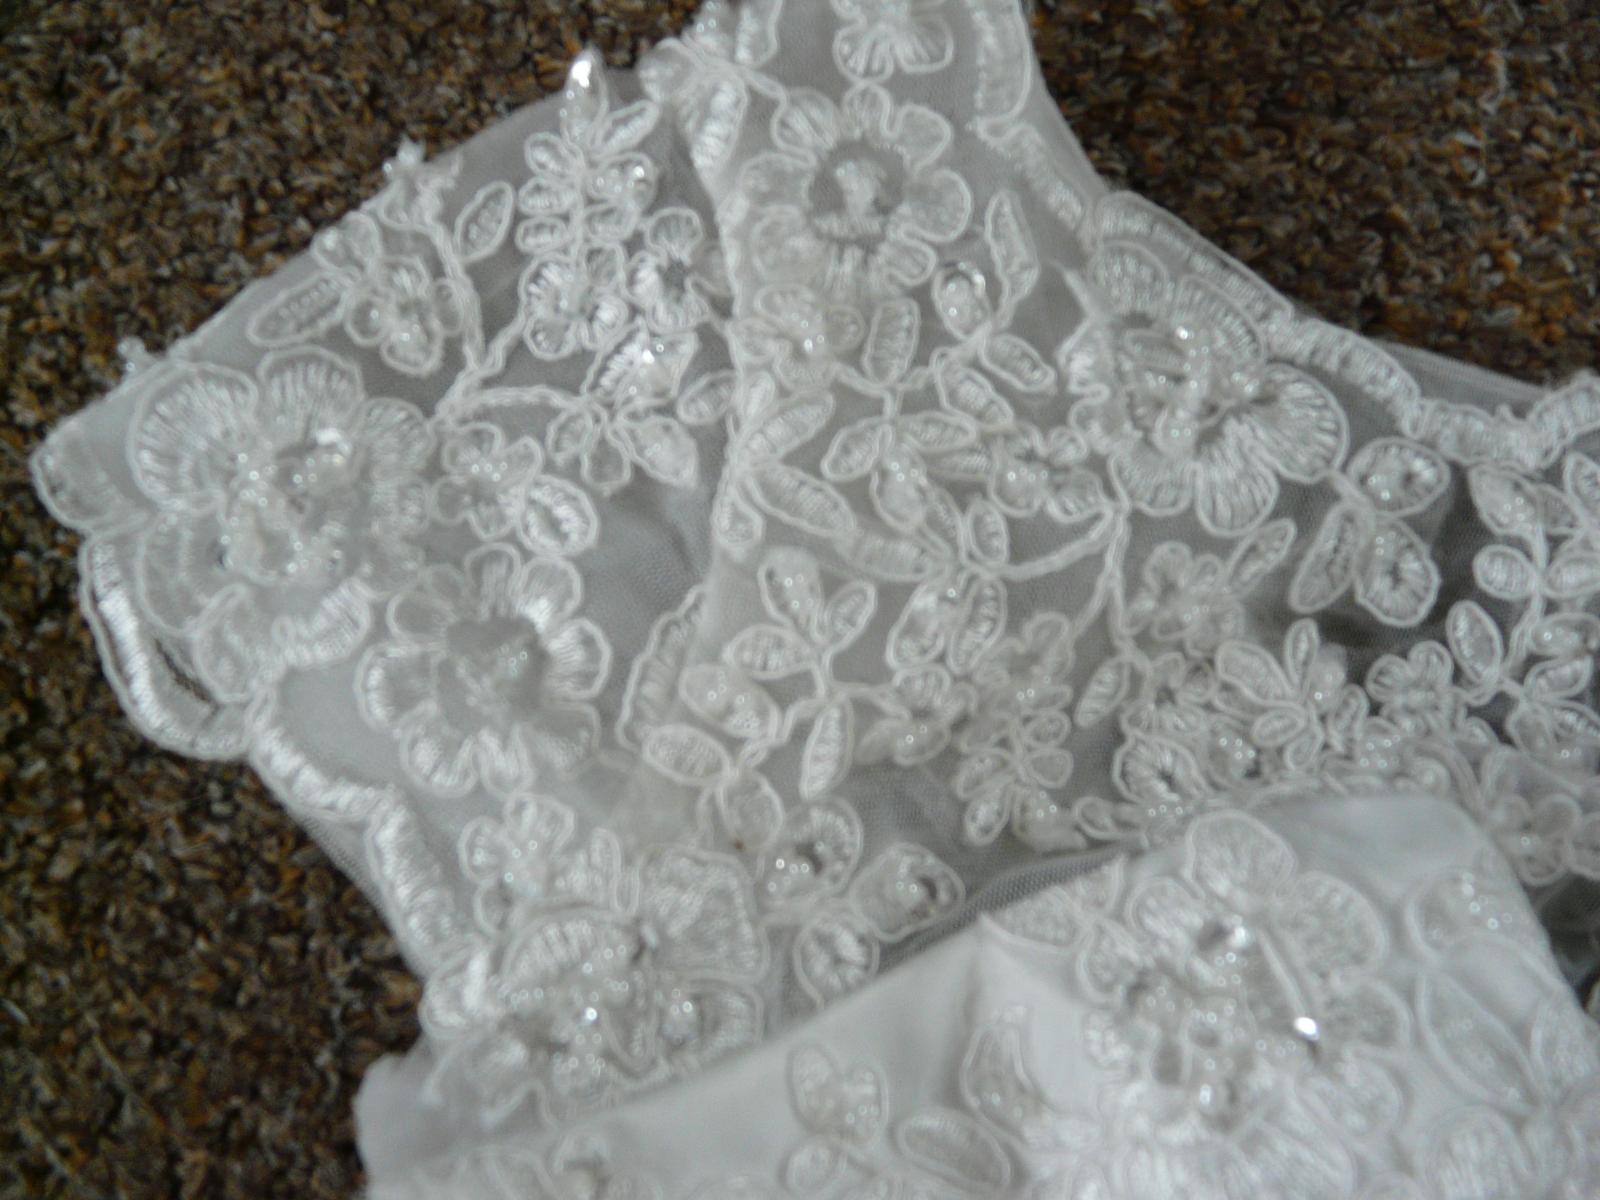 Ivory krátké svatební šaty, různé velikosti, reáln - Obrázek č. 3